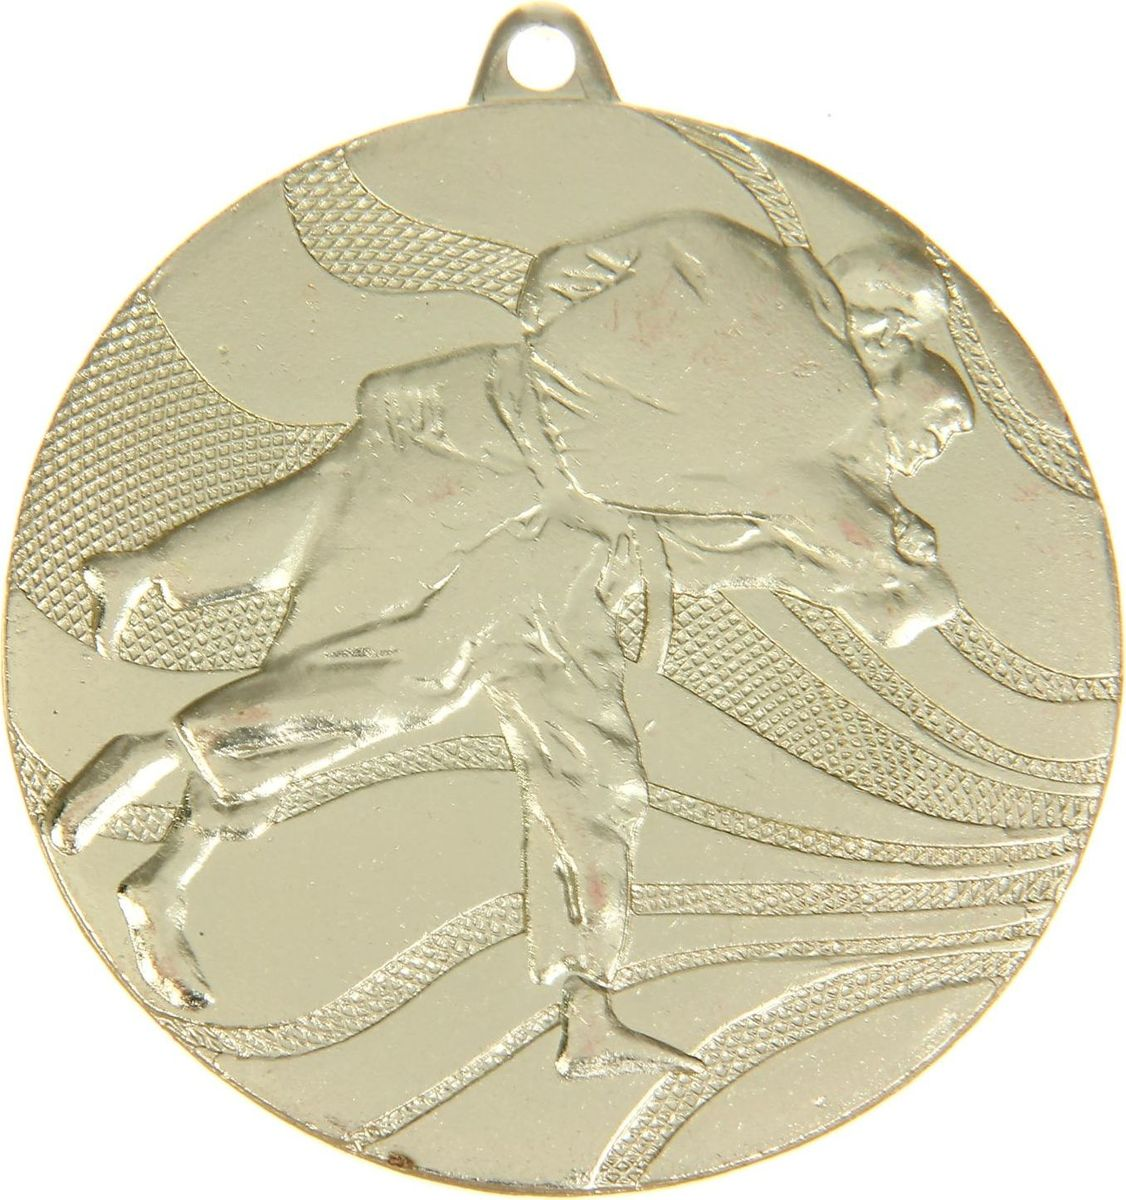 Медаль сувенирная Карате, цвет: золотистый, диаметр 5 см. 0411108673Заслуженный приз! Долгие изнурительные тренировки, напряжение перед соревнованием… Наконец ты вышел и показал всё, на что способен. И вот она — победа! — награда для настоящего чемпиона. Пусть каждый видит, кому именно сегодня покорился пьедестал. Блестящая награда на груди станет лучшим ответом скептикам и всегда будет напоминать, что упорный труд непременно вознаграждается. Наступит завтрашний день, и своё лидерство нужно будет доказывать заново. Ну а пока победитель сможет наслаждаться триумфом, глядя на эту медаль.Характеристики: Диаметр медали: 5 см Диаметр вкладыша (оборот): 4,5 см. Сверху расположено отверстие для крепления ленты.